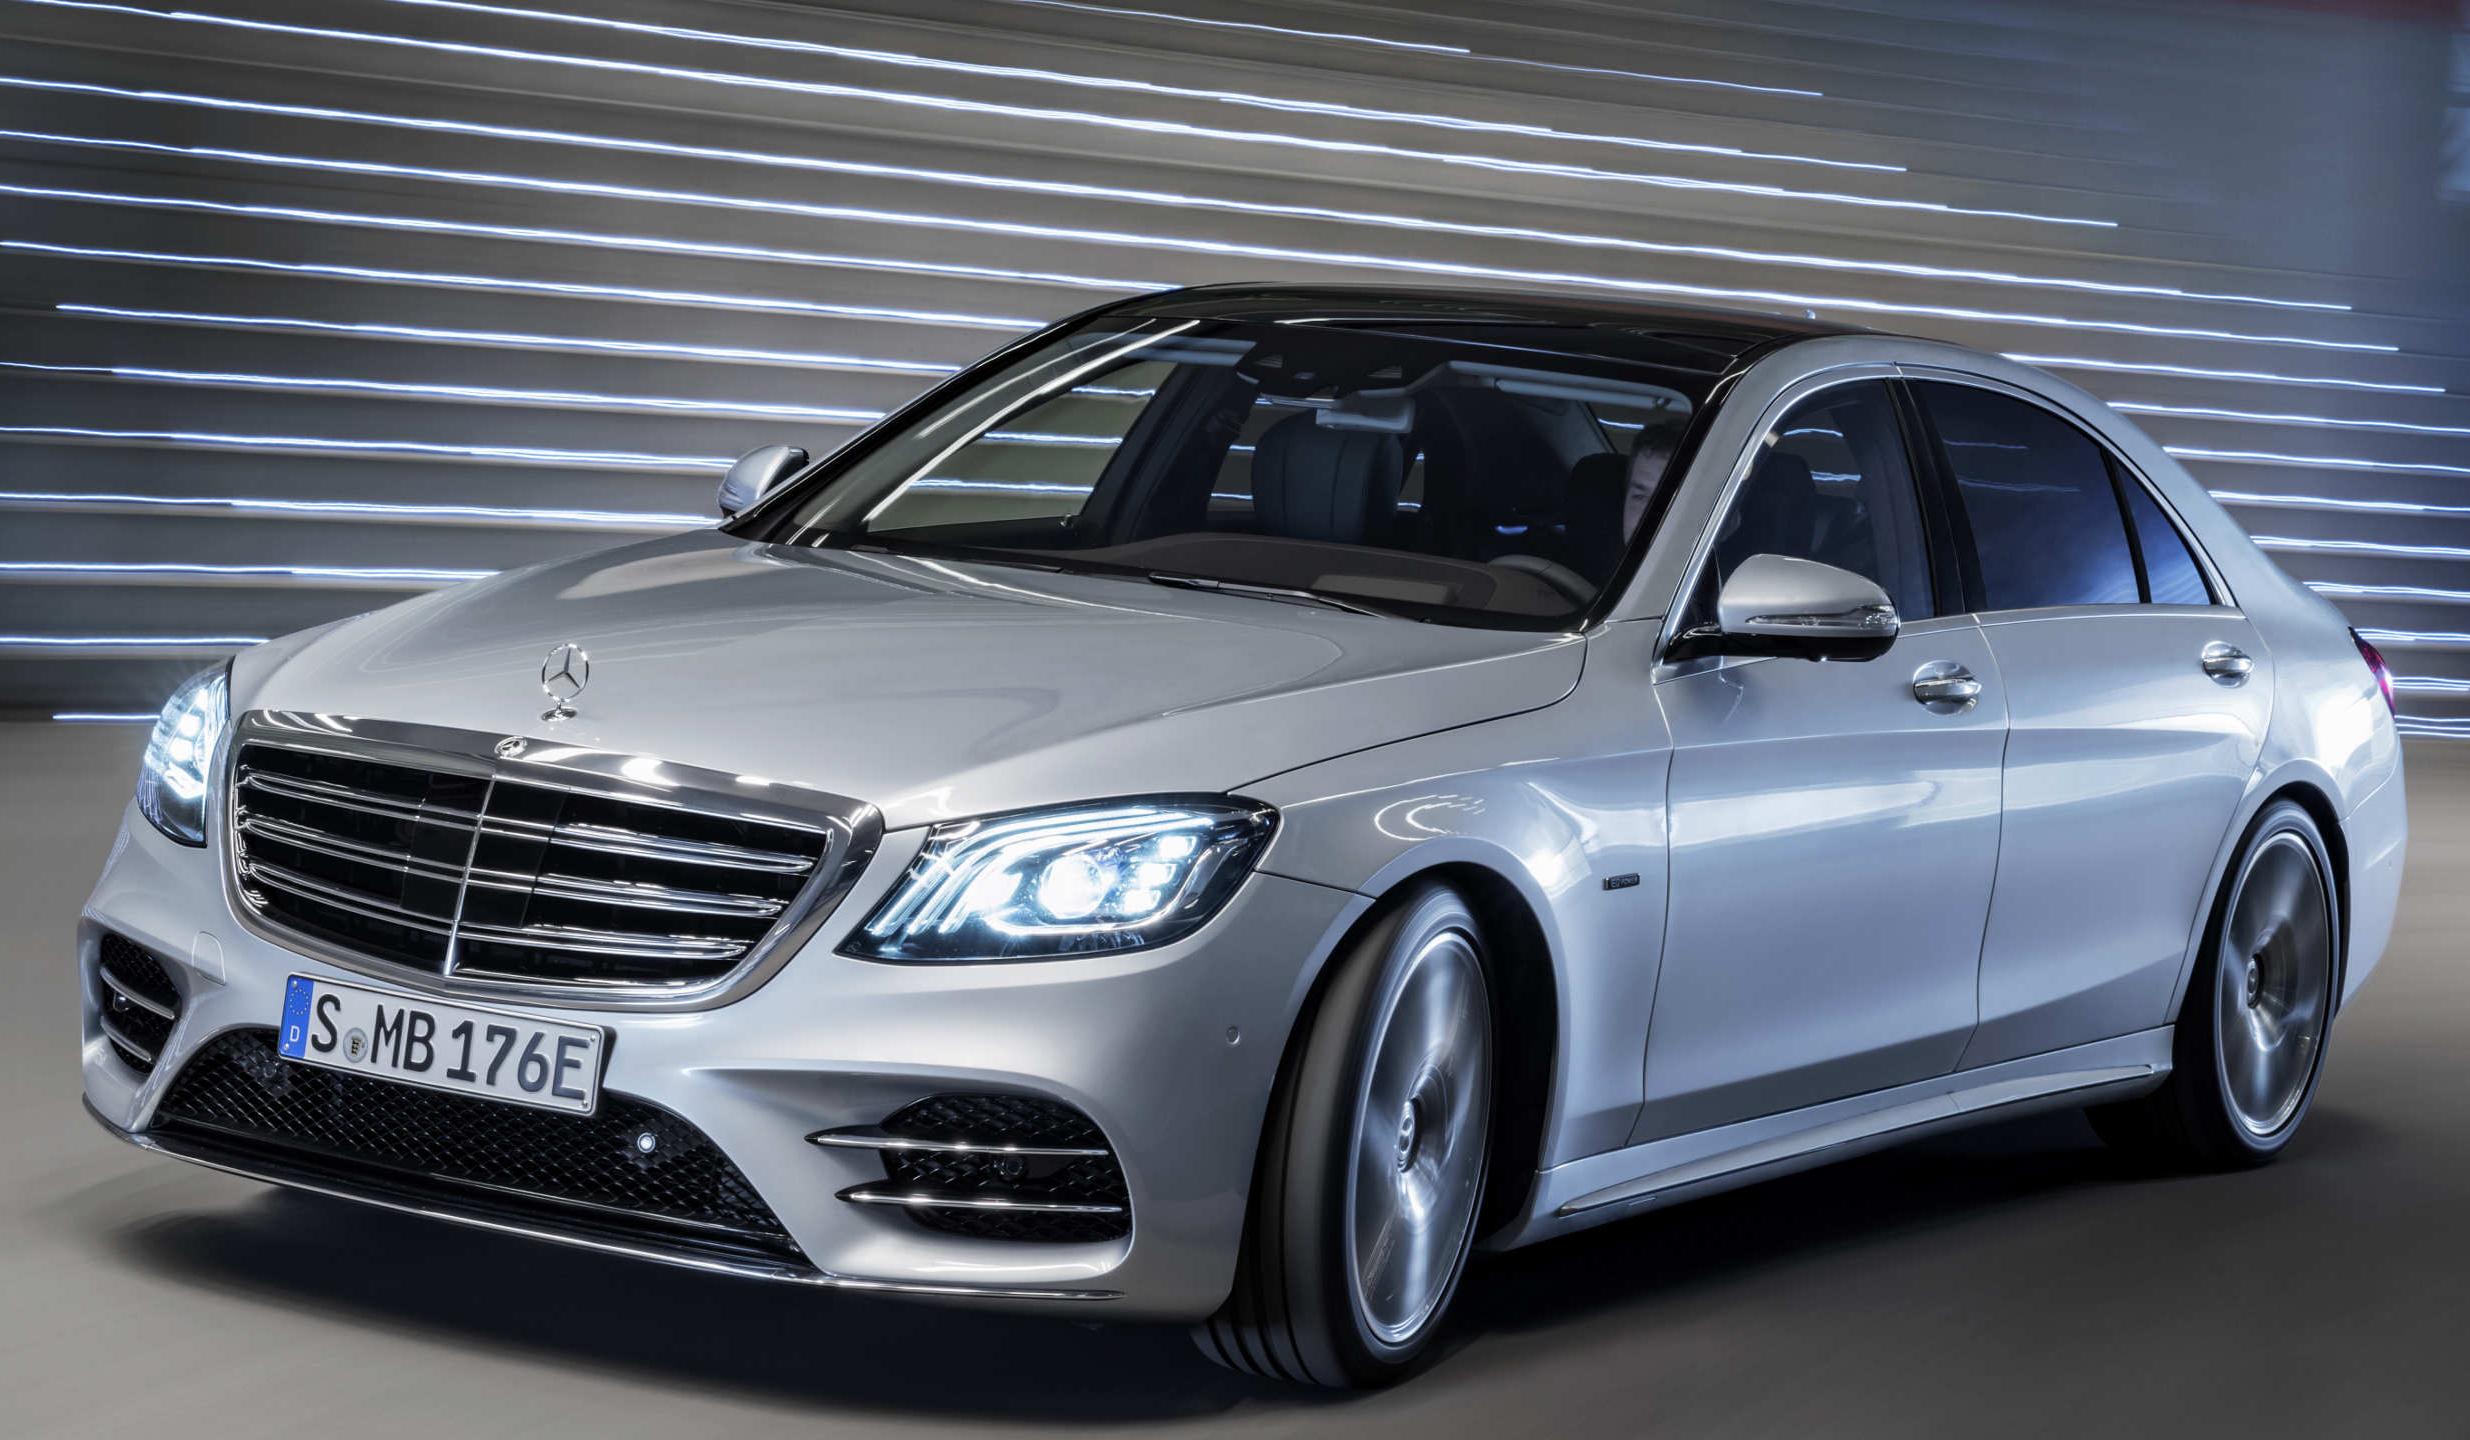 S դասի նոր Mercedes-Benz ավտոմեքենան արդեն Հայաստանում է